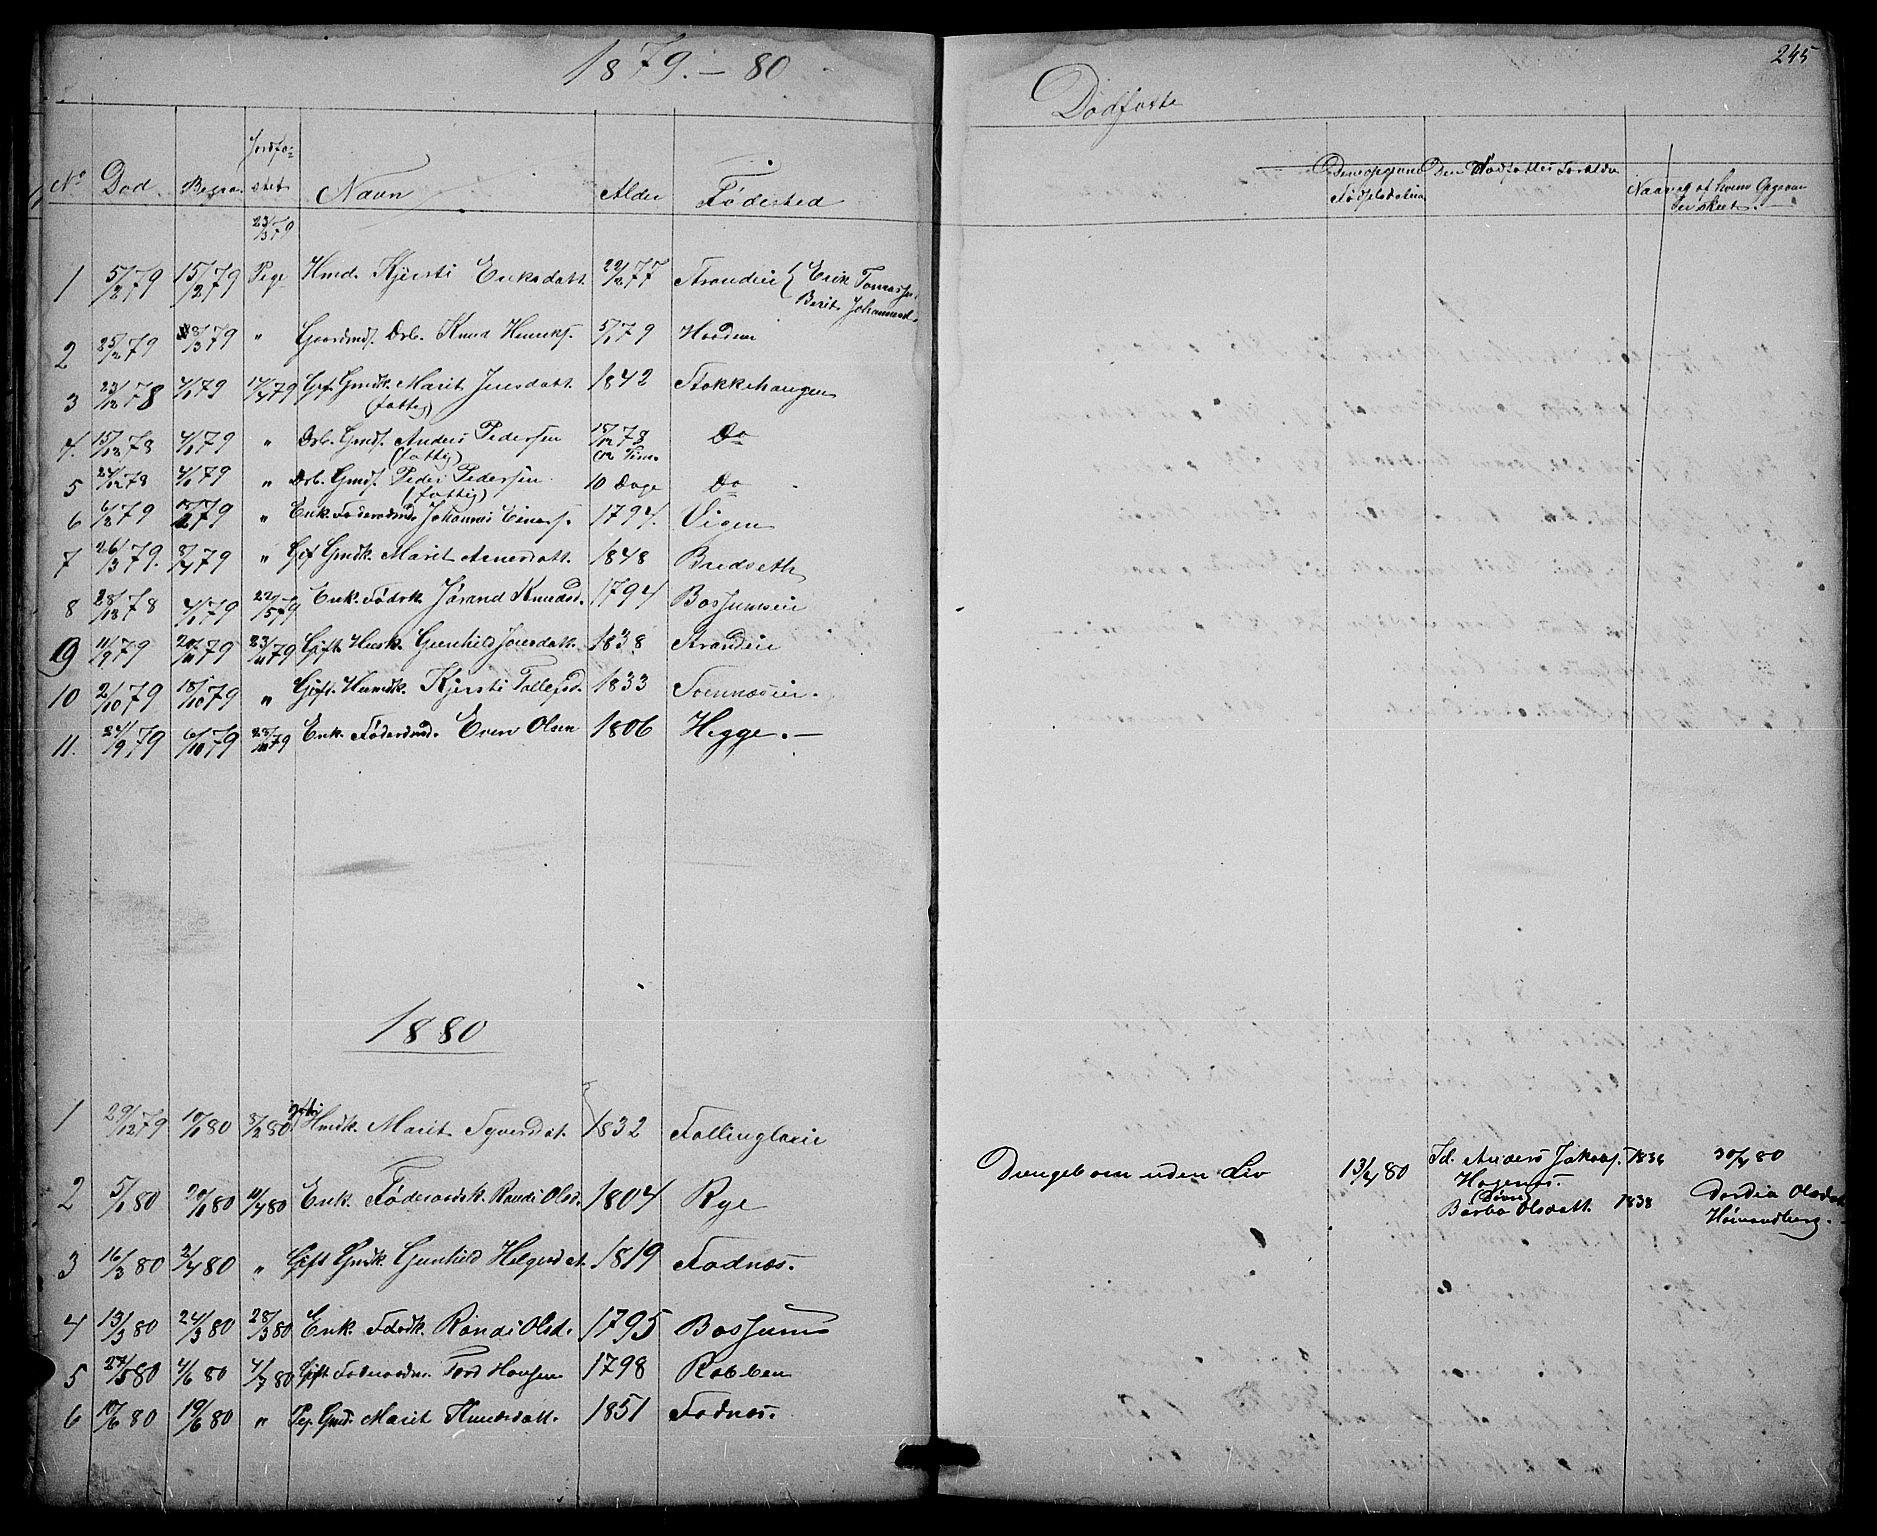 SAH, Nord-Aurdal prestekontor, Klokkerbok nr. 3, 1842-1882, s. 245